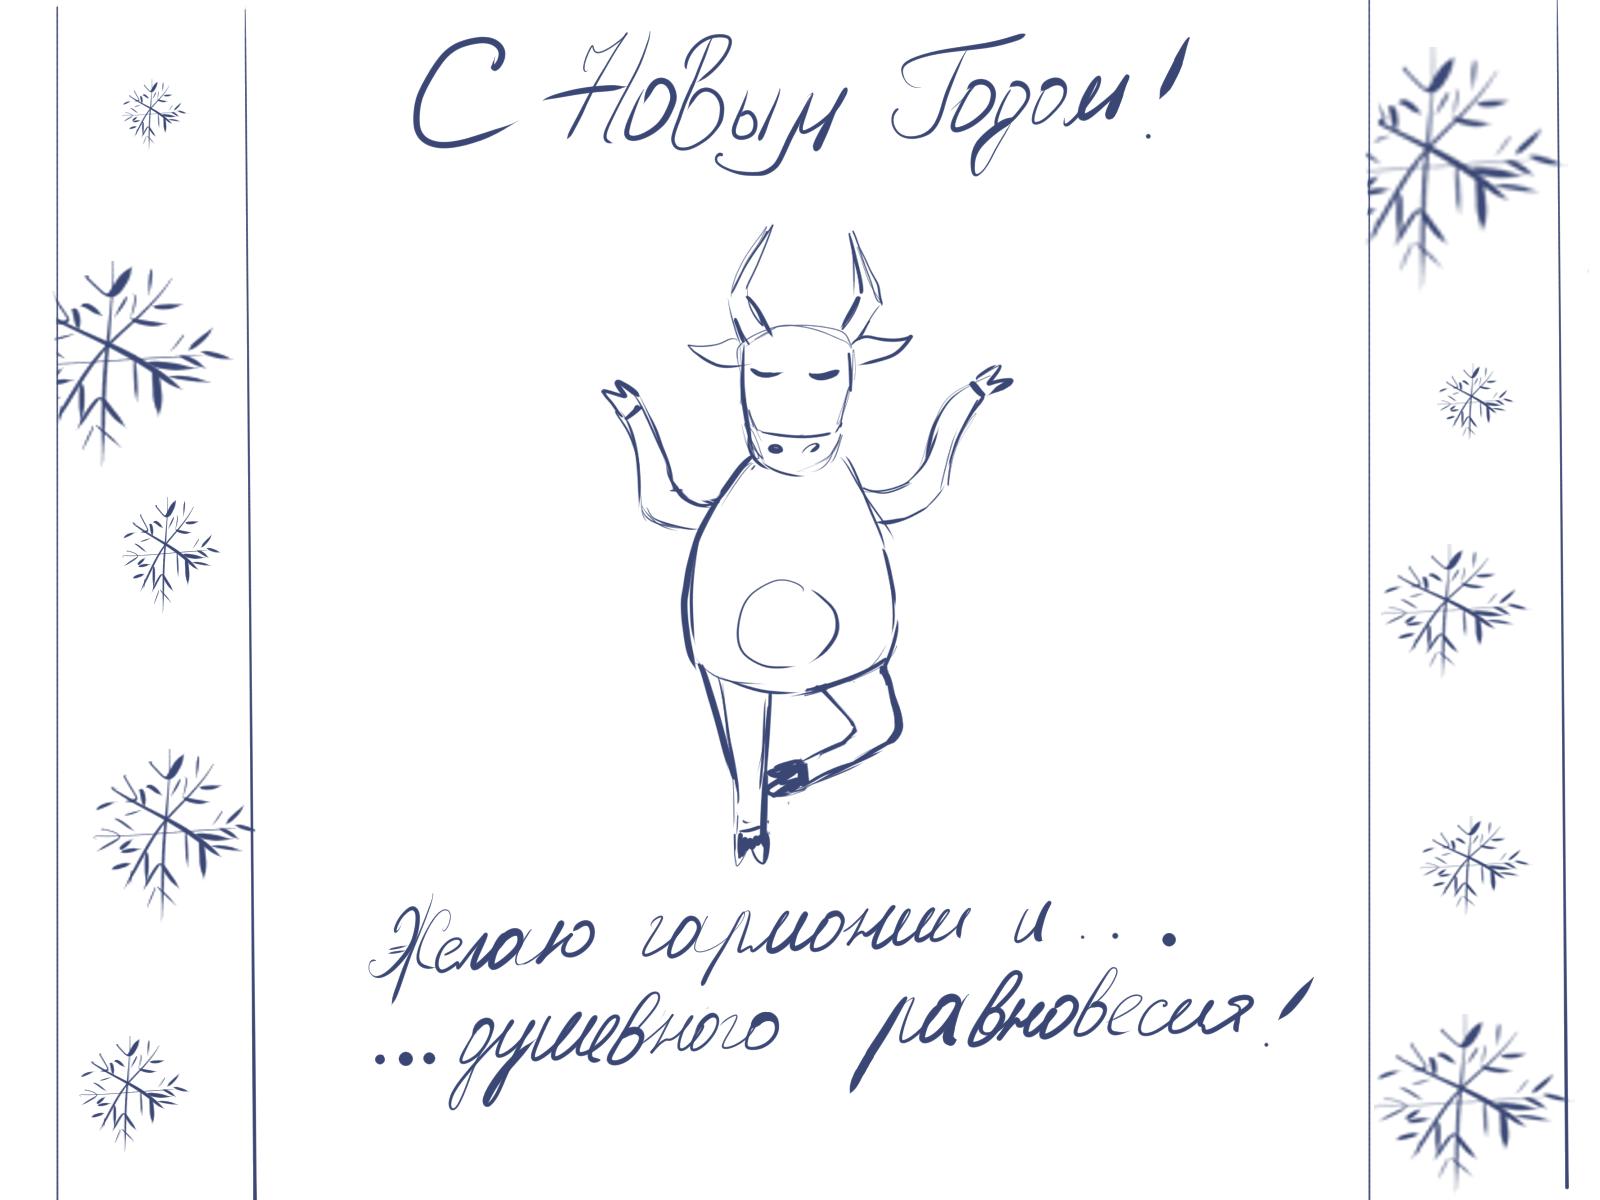 Создать рисунки быков, символа 2021 года, для реализации в м фото f_4955ef0b803da9d9.png